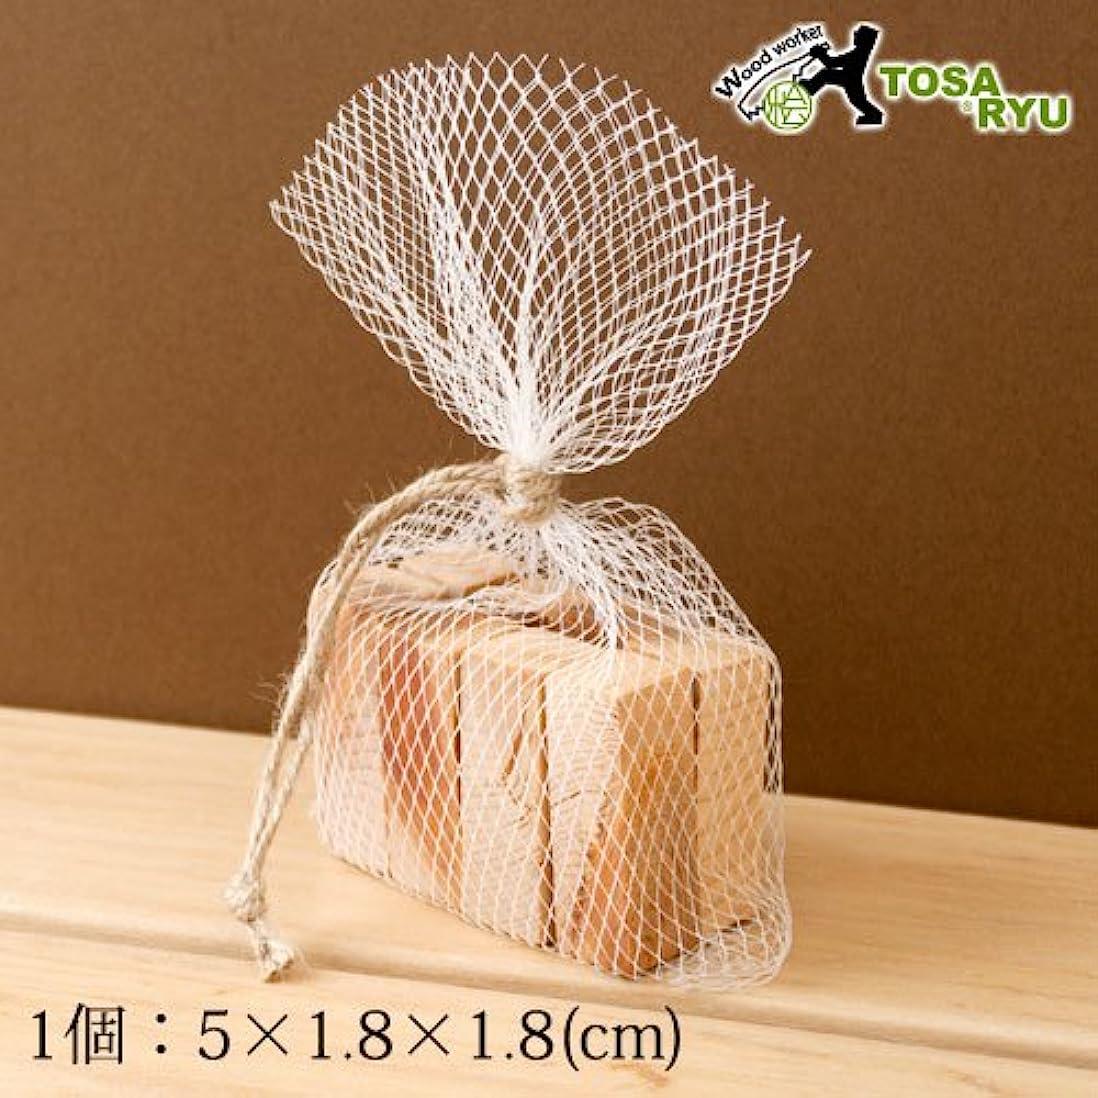 放棄会うずるい土佐龍アロマブロックメッシュ袋入り高知県の工芸品Bath additive of cypress, Kochi craft